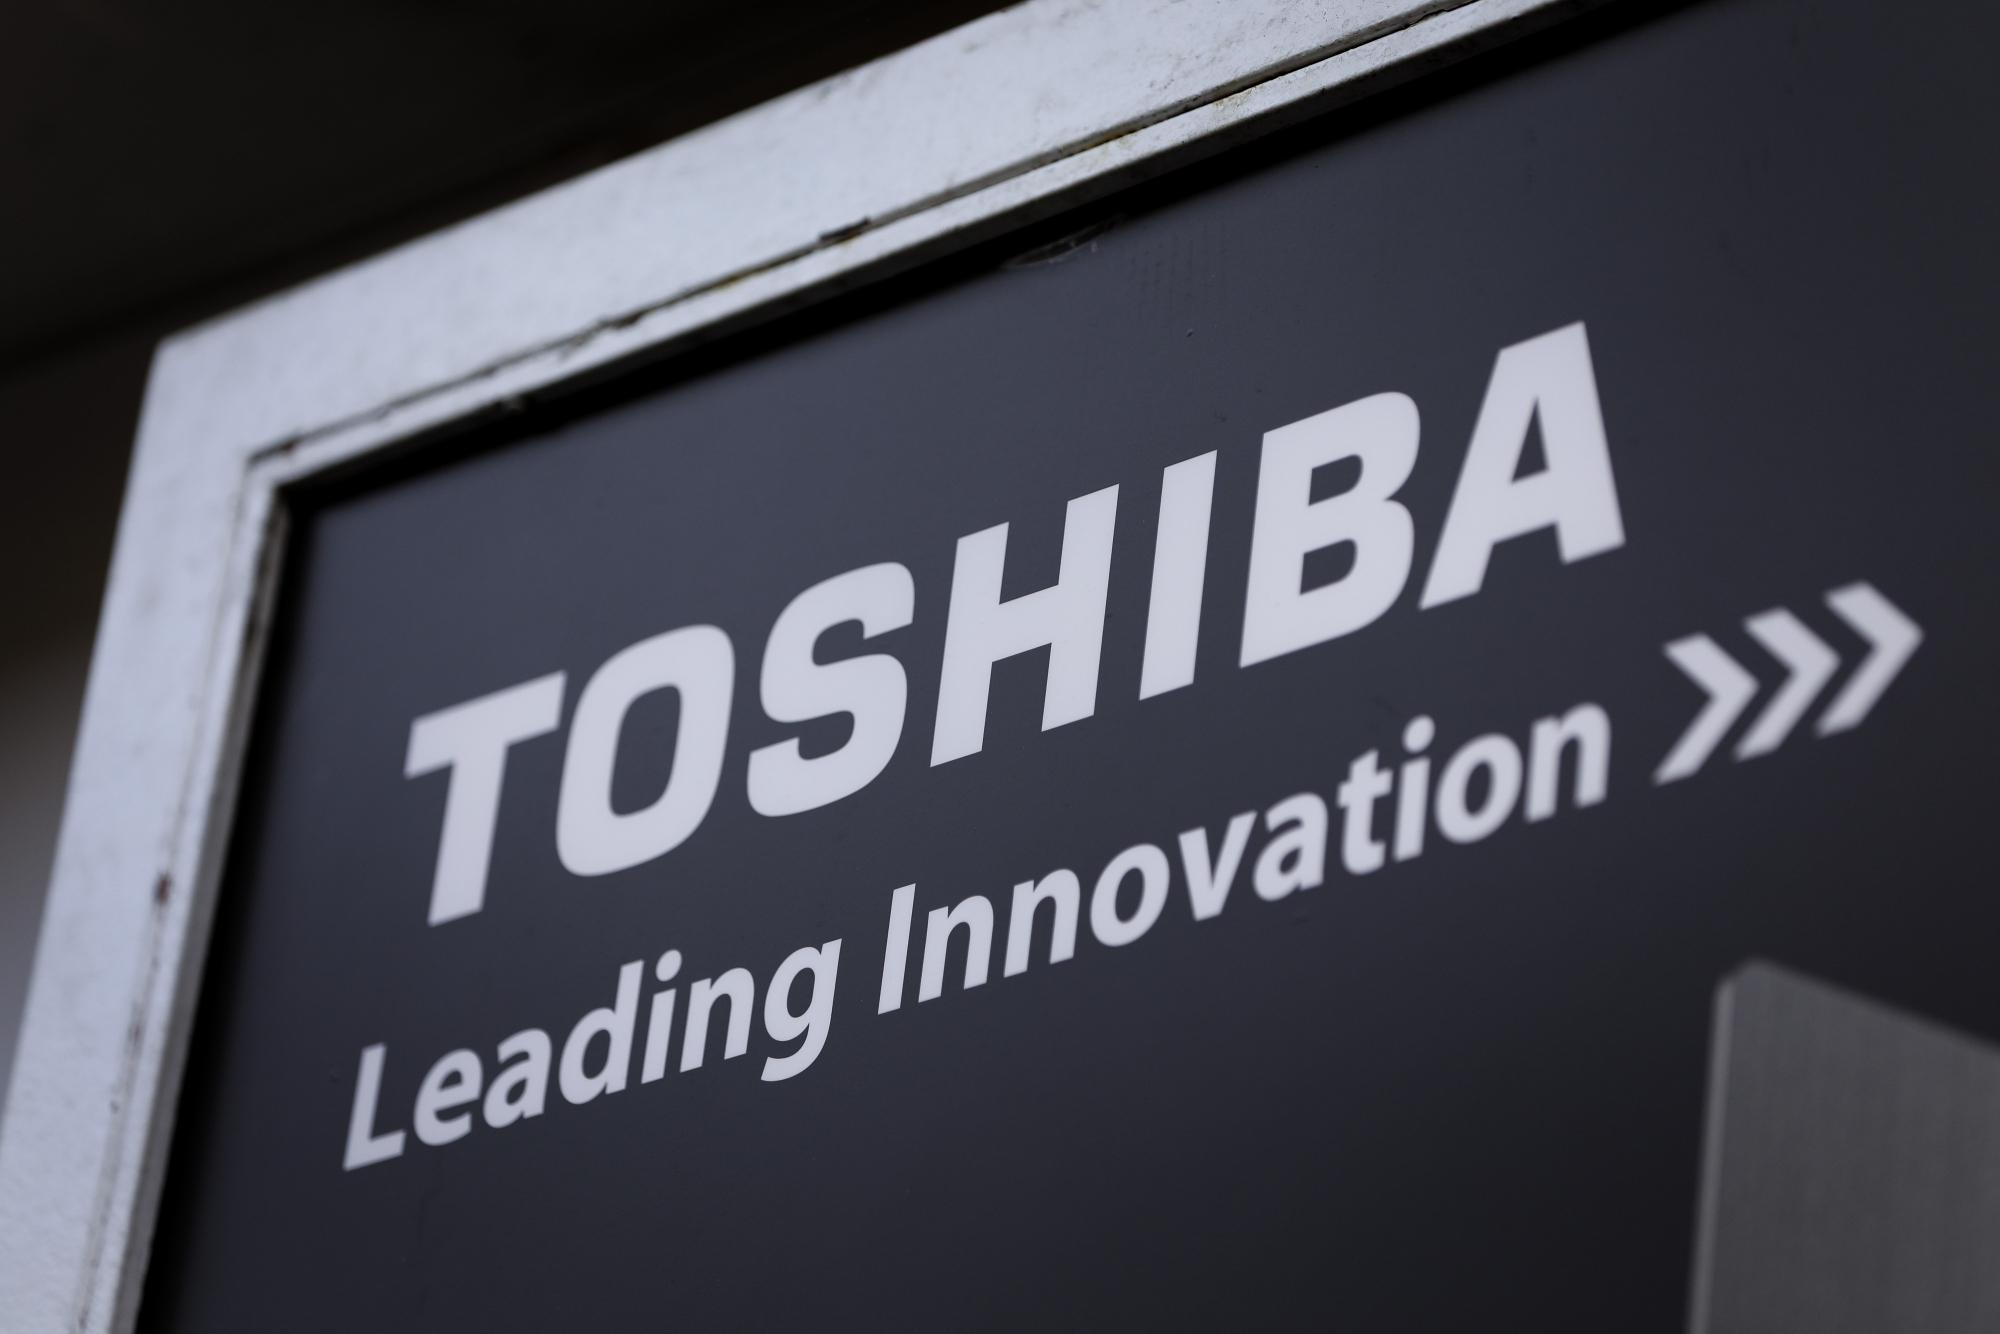 東芝:メモリ事業売却で1兆円超調達へ、信用不安打ち消し-関係者